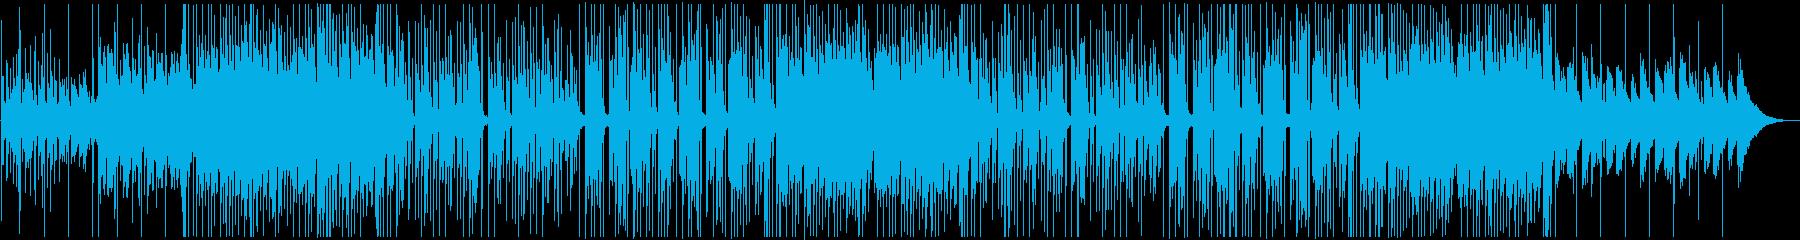 トロピカルハウス風、かわいいダンスポップの再生済みの波形